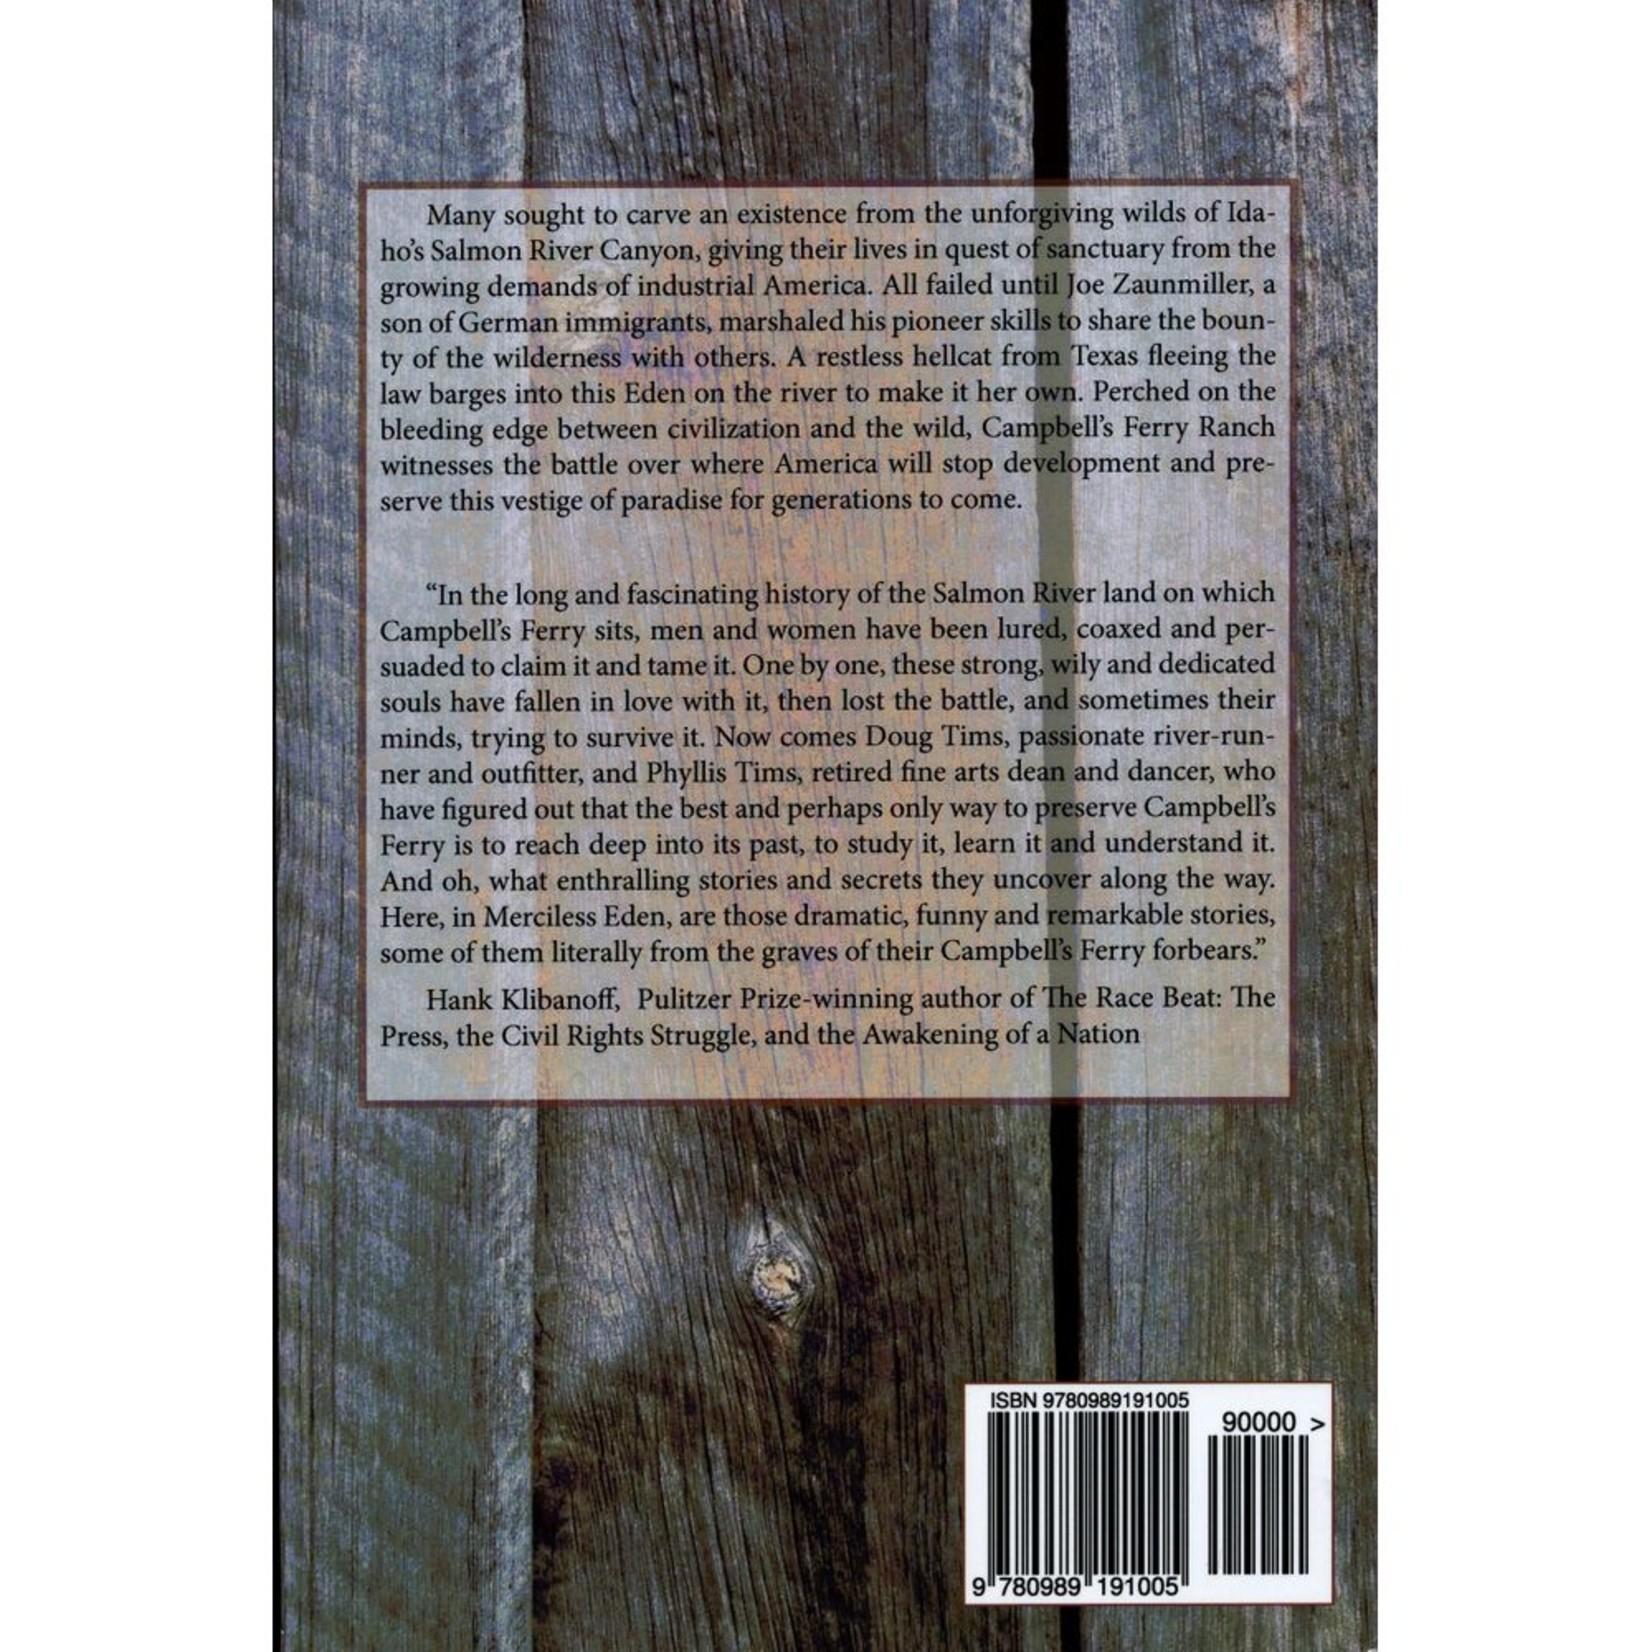 Doug Tims Merciless Eden Book